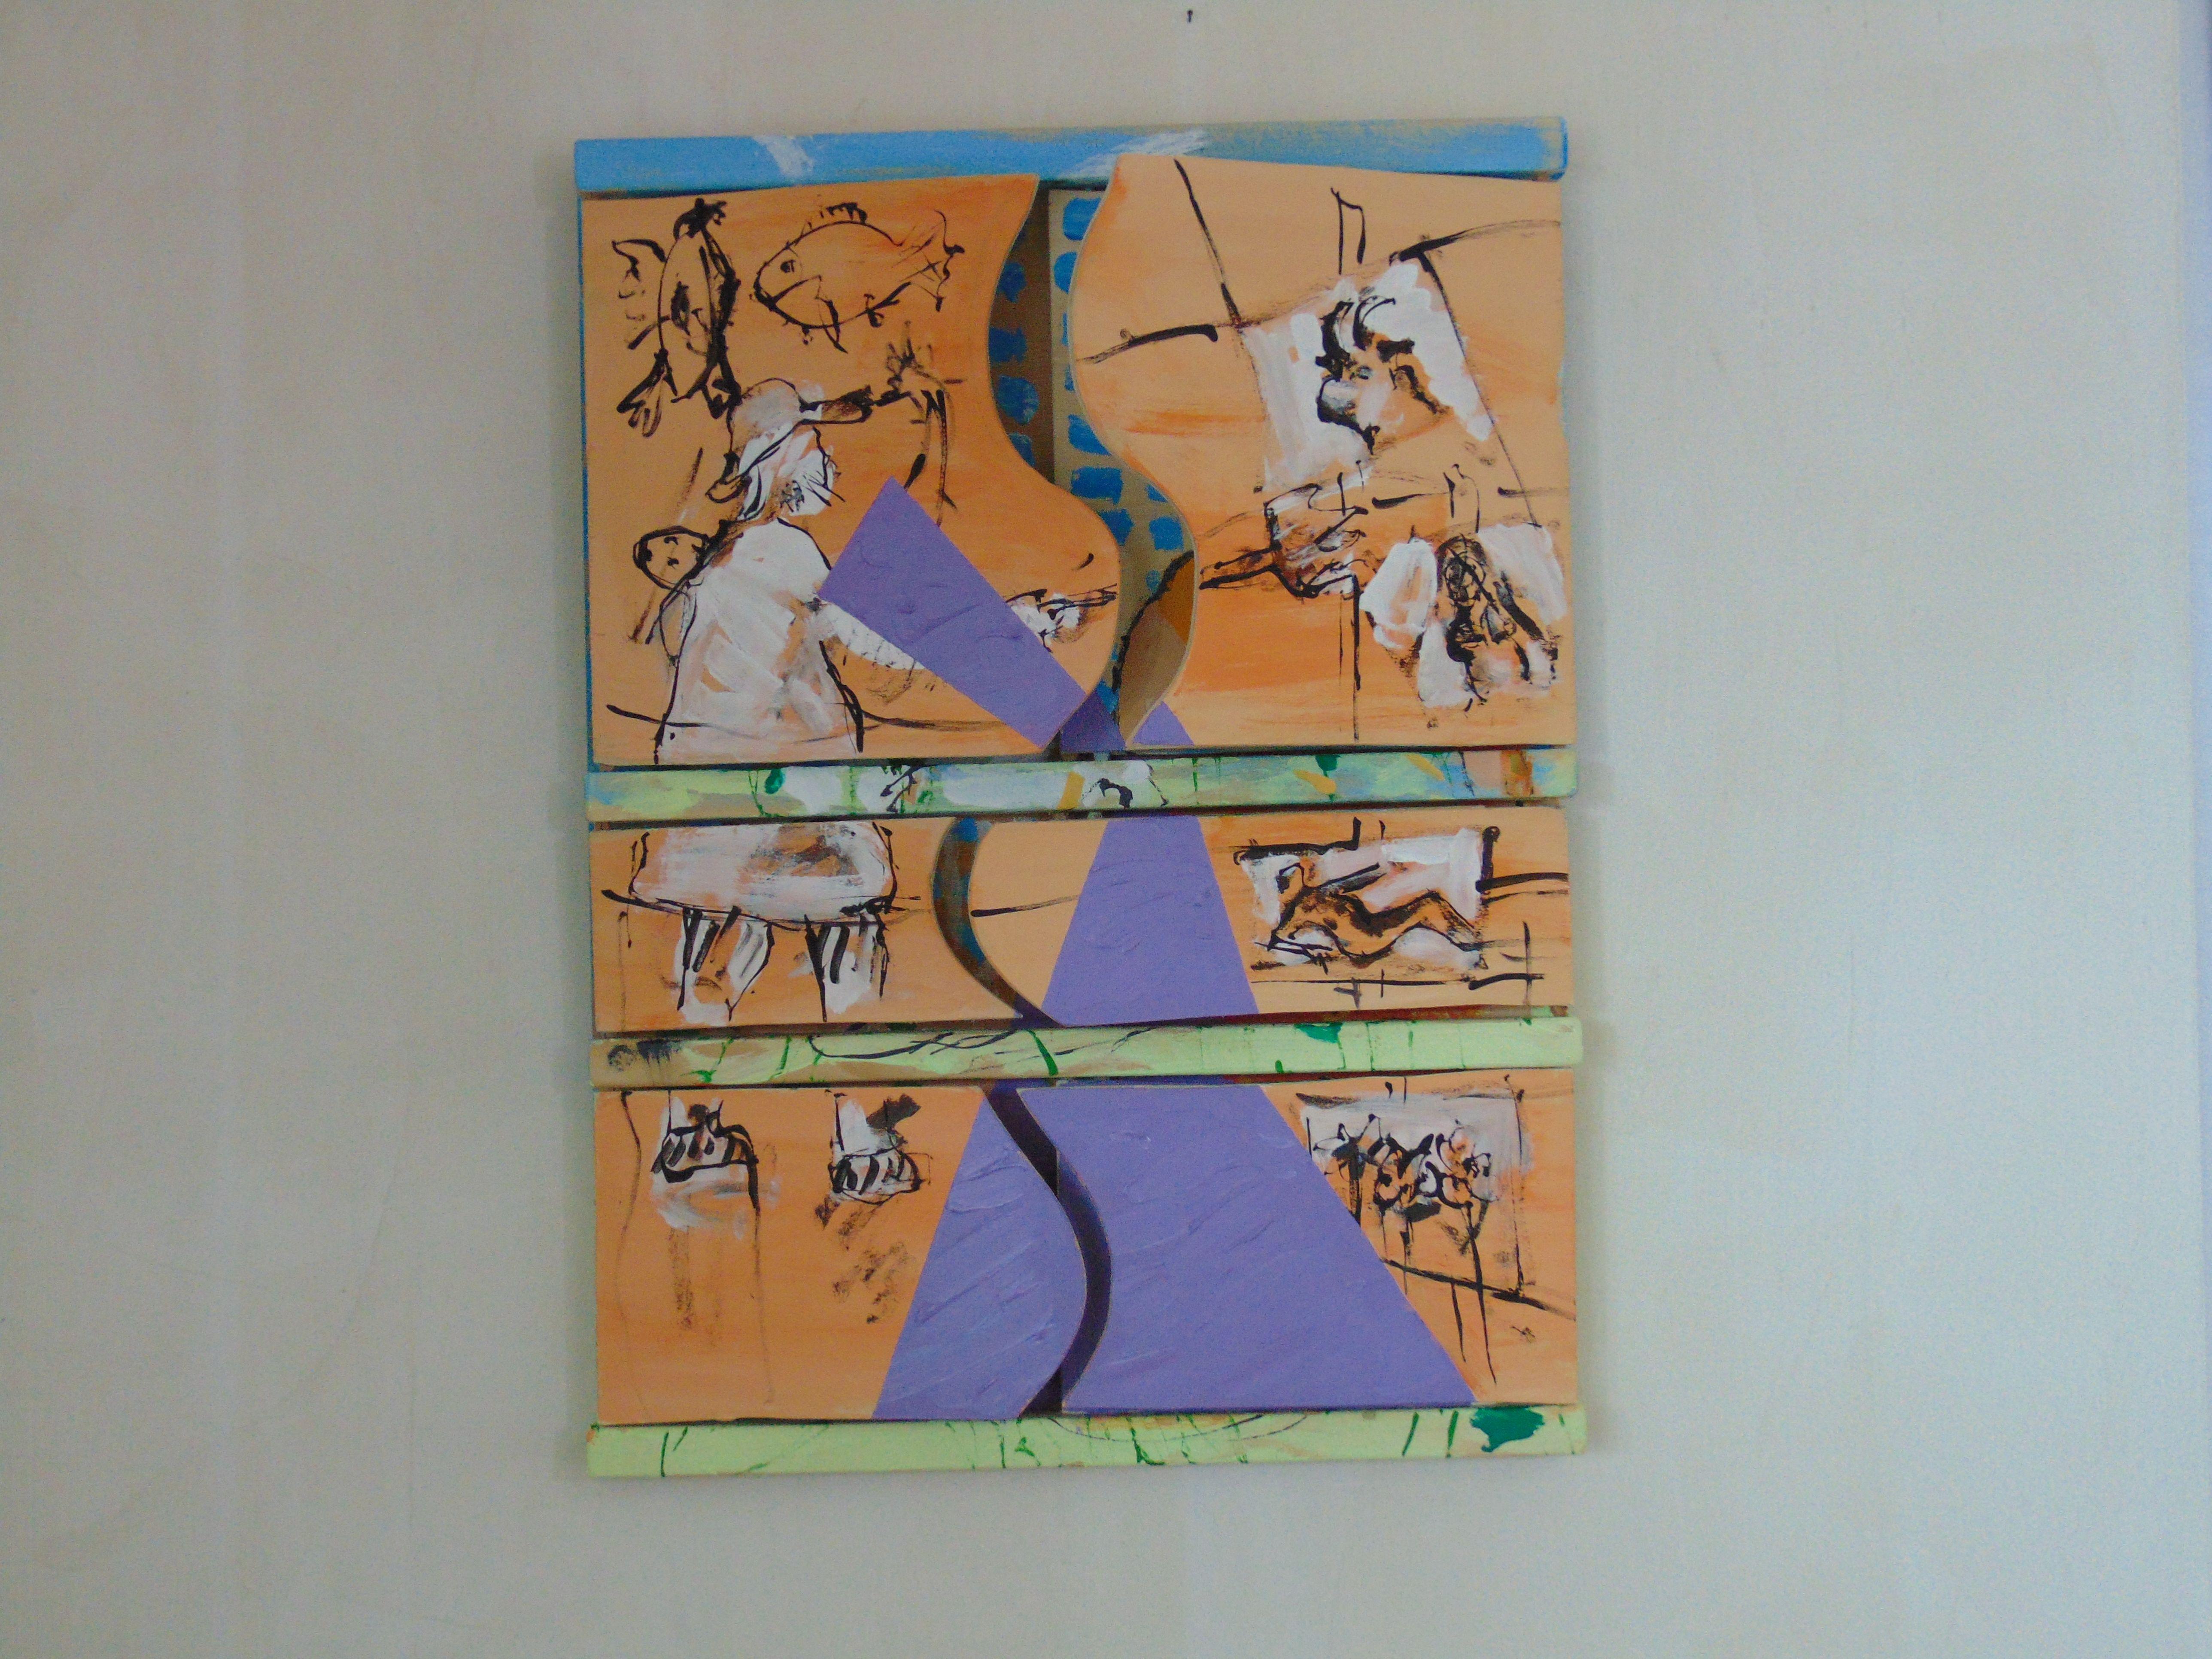 Maler, Werke und lila monochrome Fläche